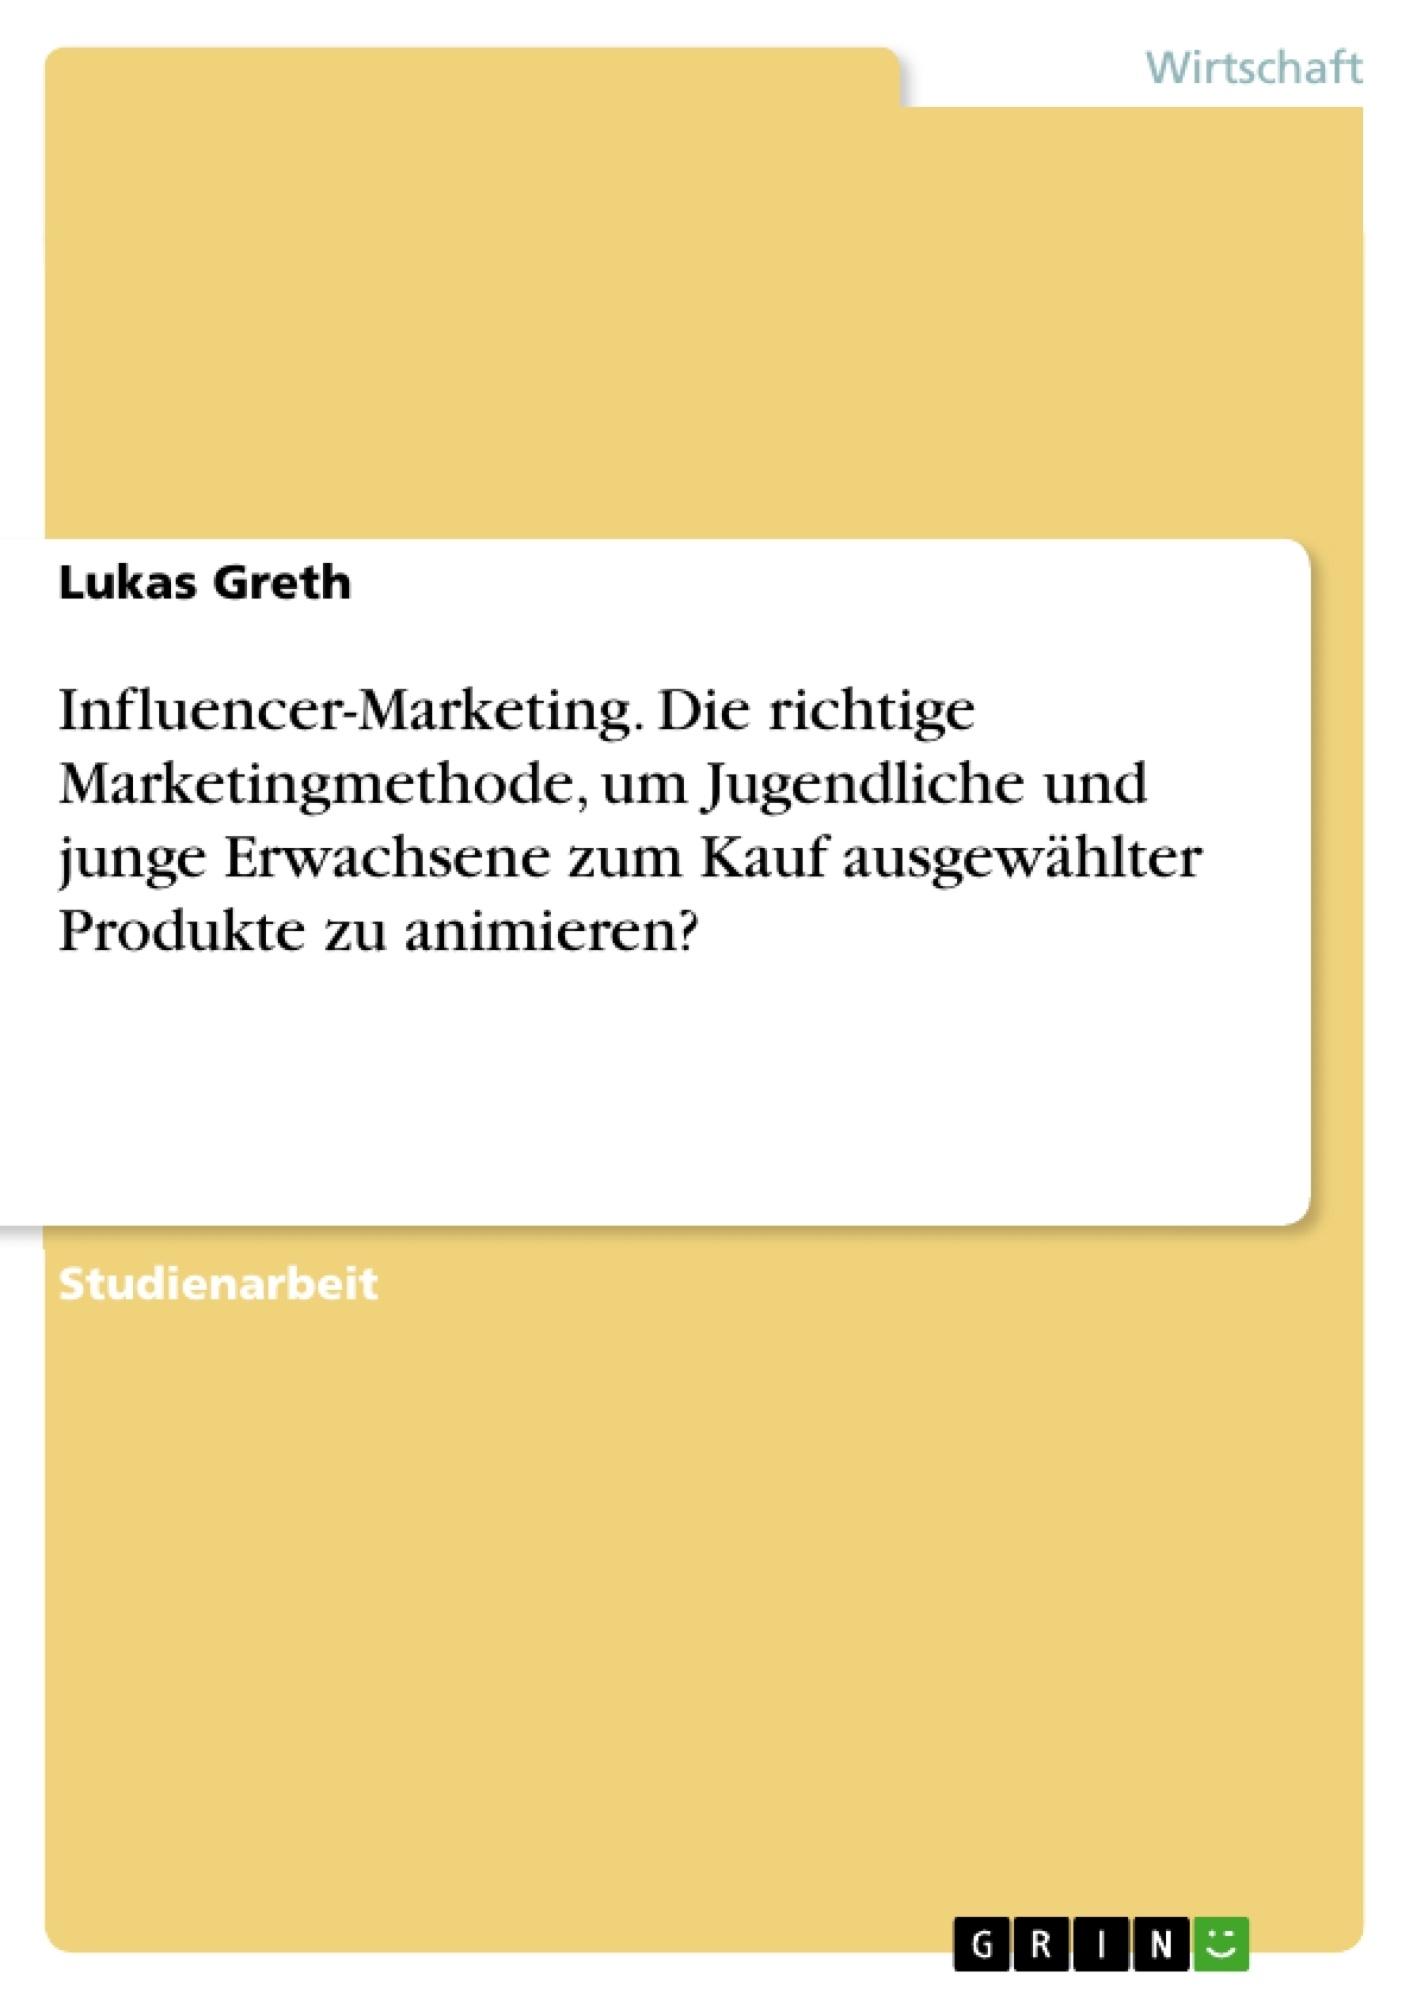 Titel: Influencer-Marketing. Die richtige Marketingmethode, um Jugendliche und junge Erwachsene zum Kauf ausgewählter Produkte zu animieren?